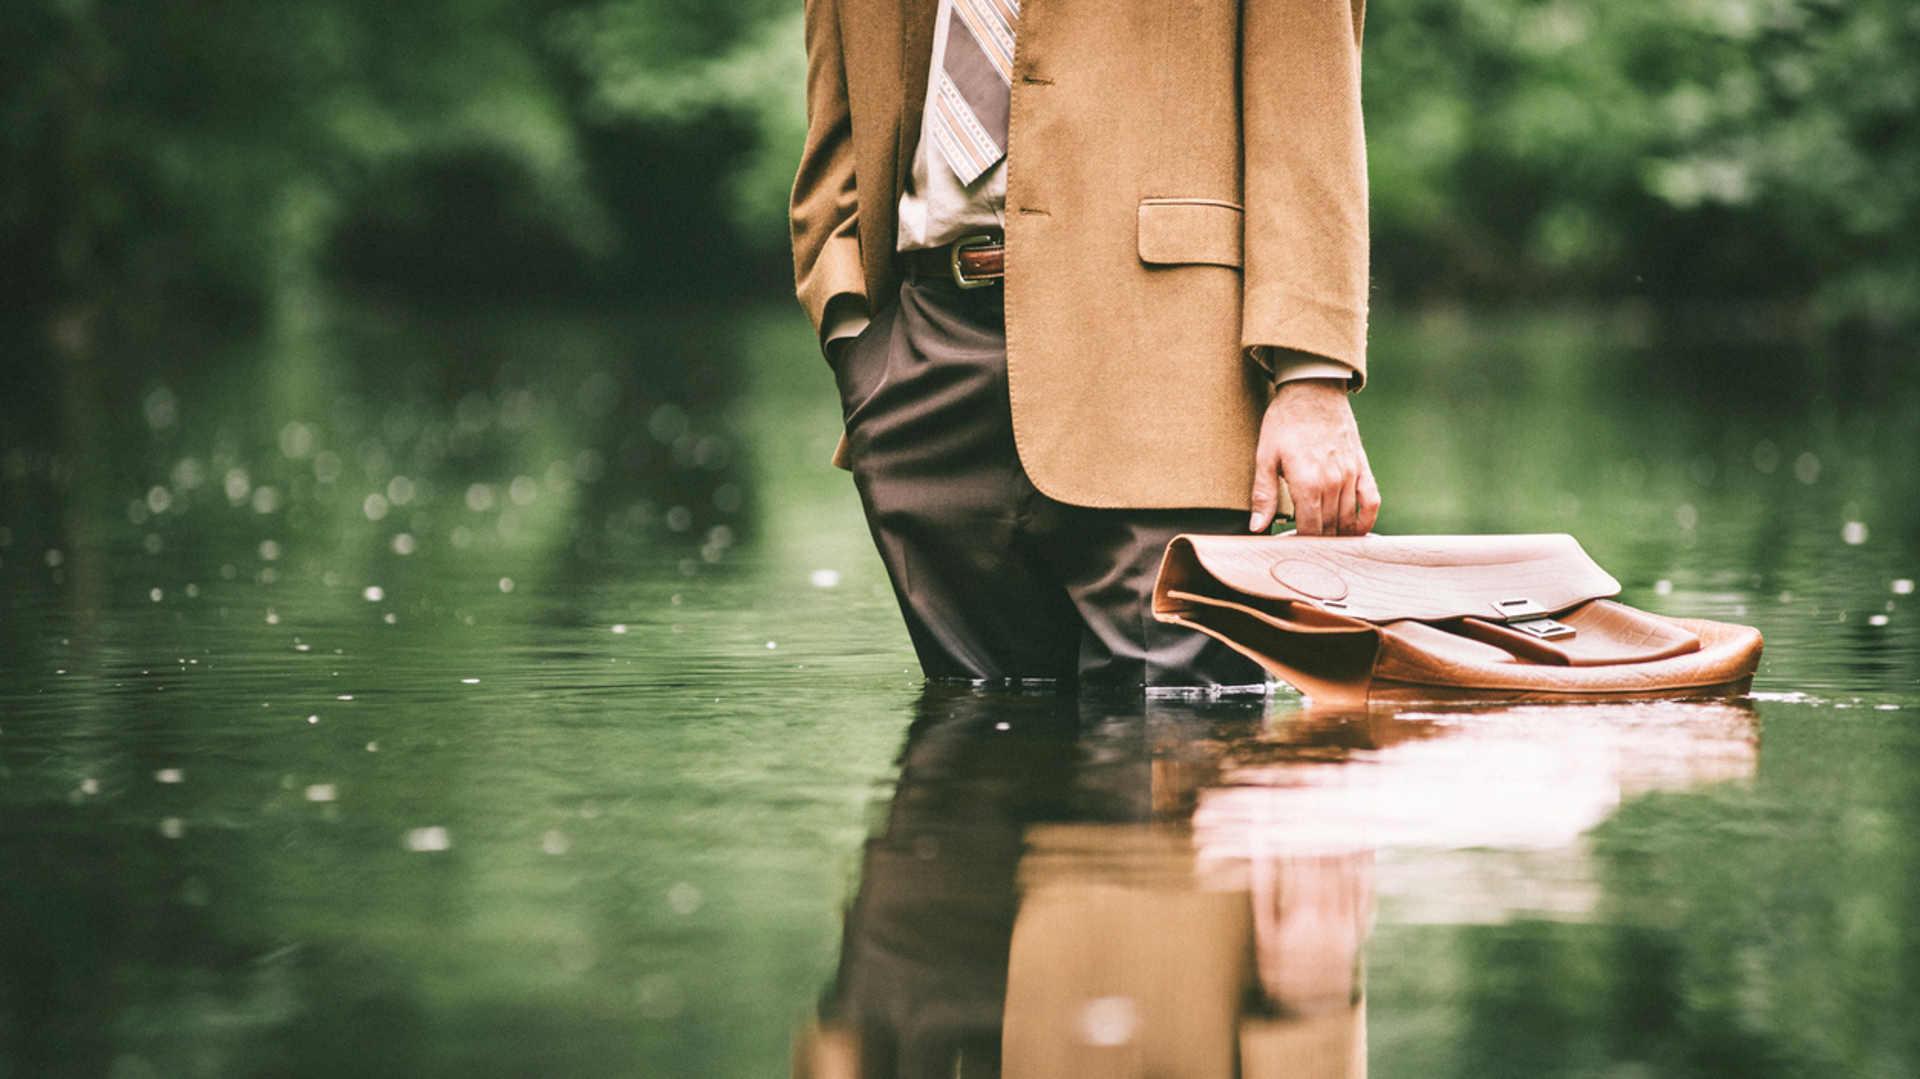 Europawahl Klimaschutz: Mann mit Aktentasche steht im Wasser